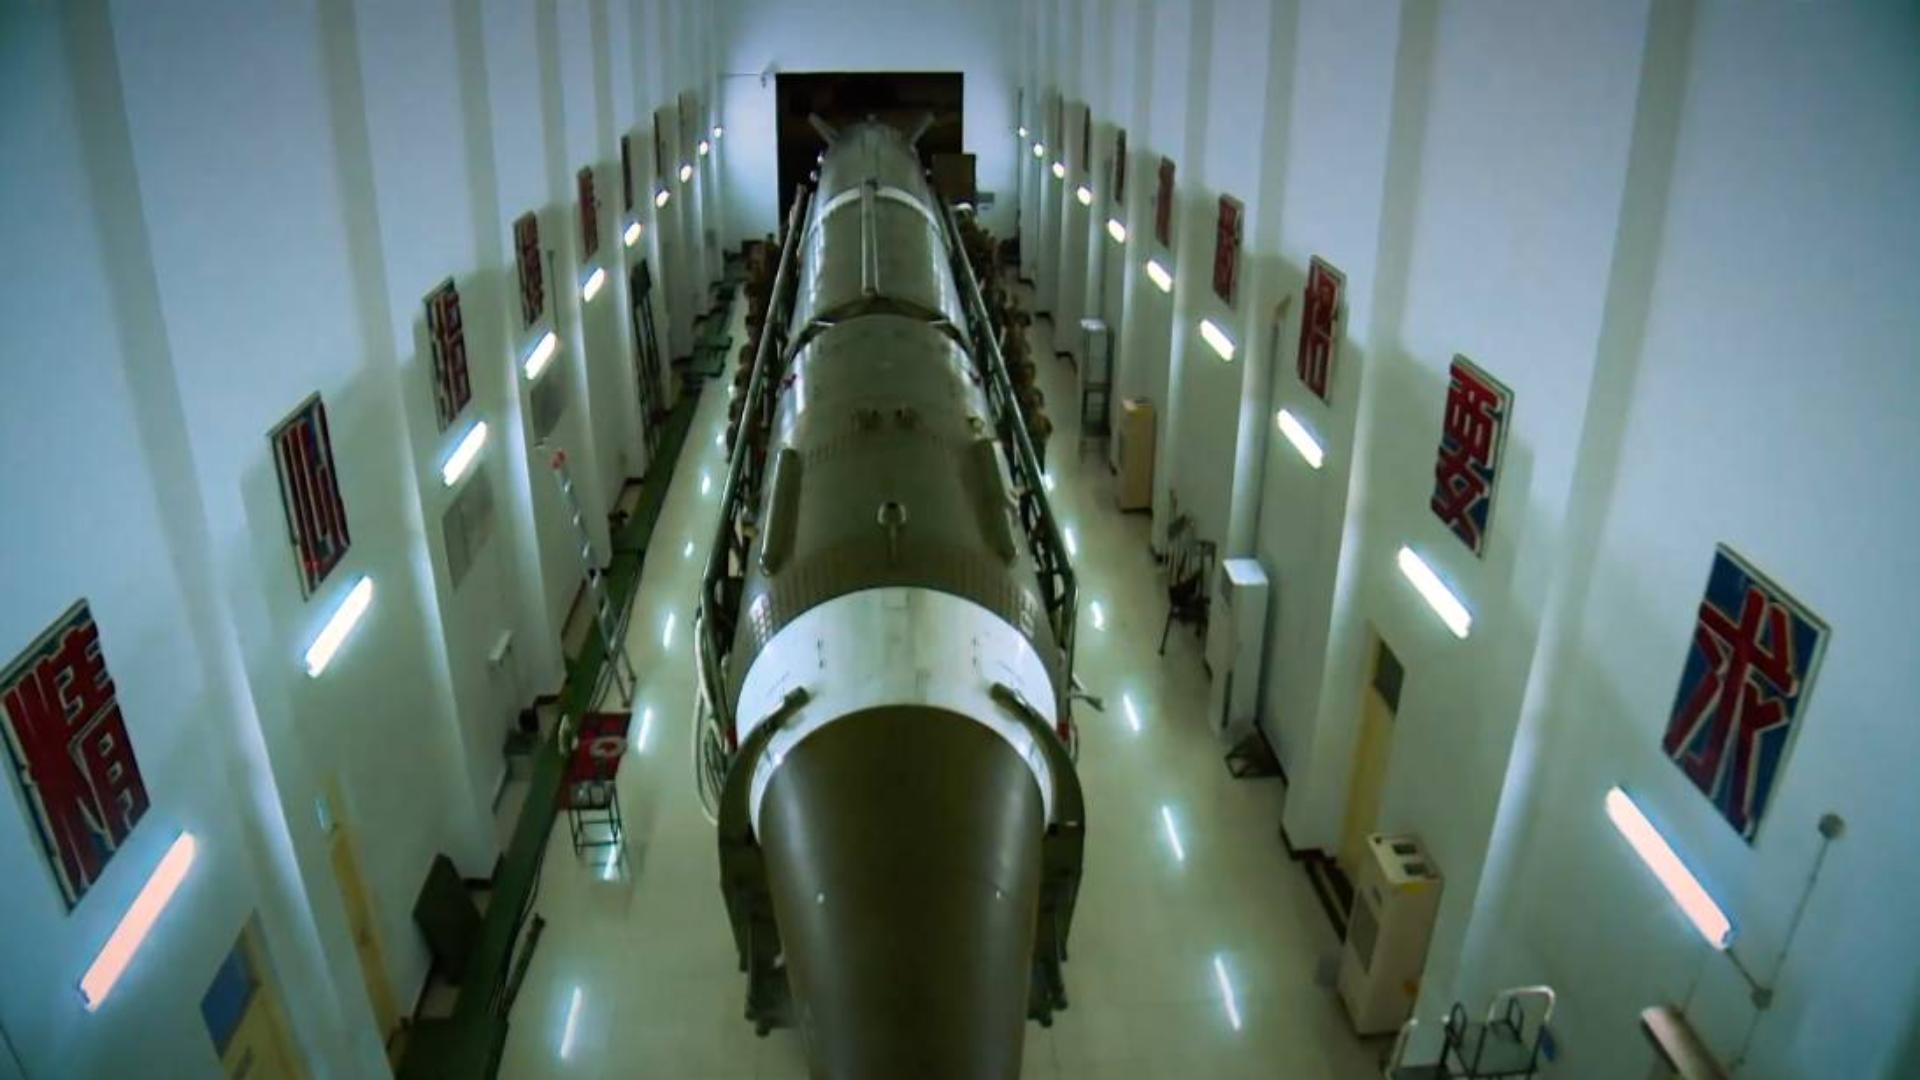 央视曝光816地下核长城:5000公里覆盖20个省,核导弹随时破土而出